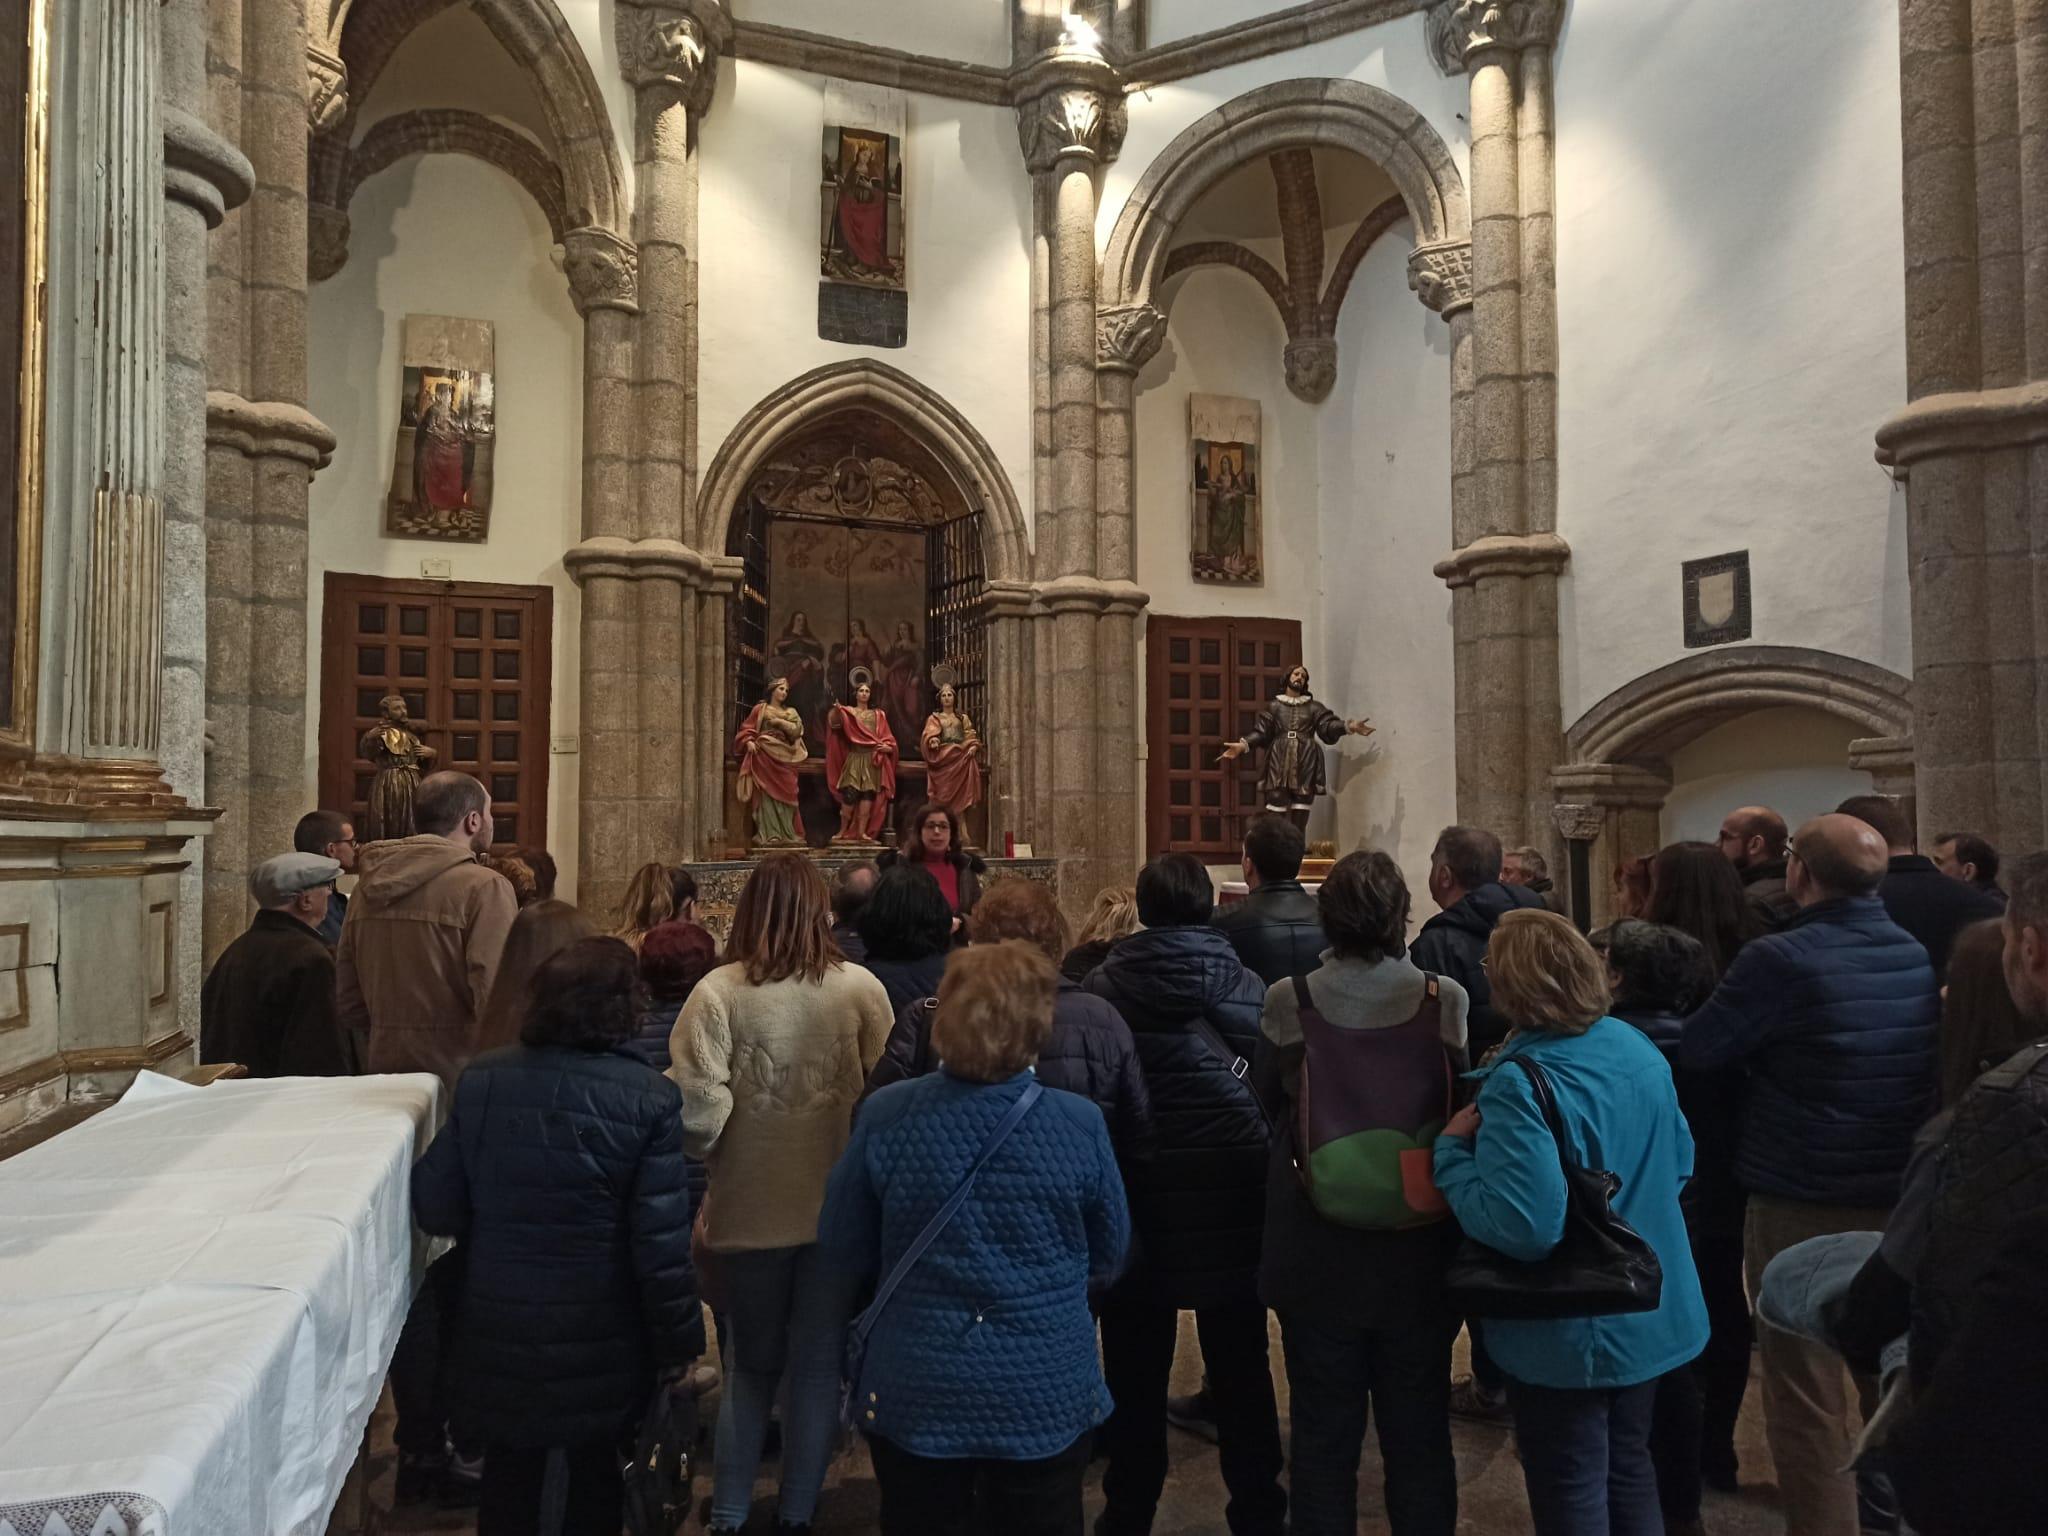 200 participantes en las visitas guiadas a Talavera - www.lavozdeltajo.com